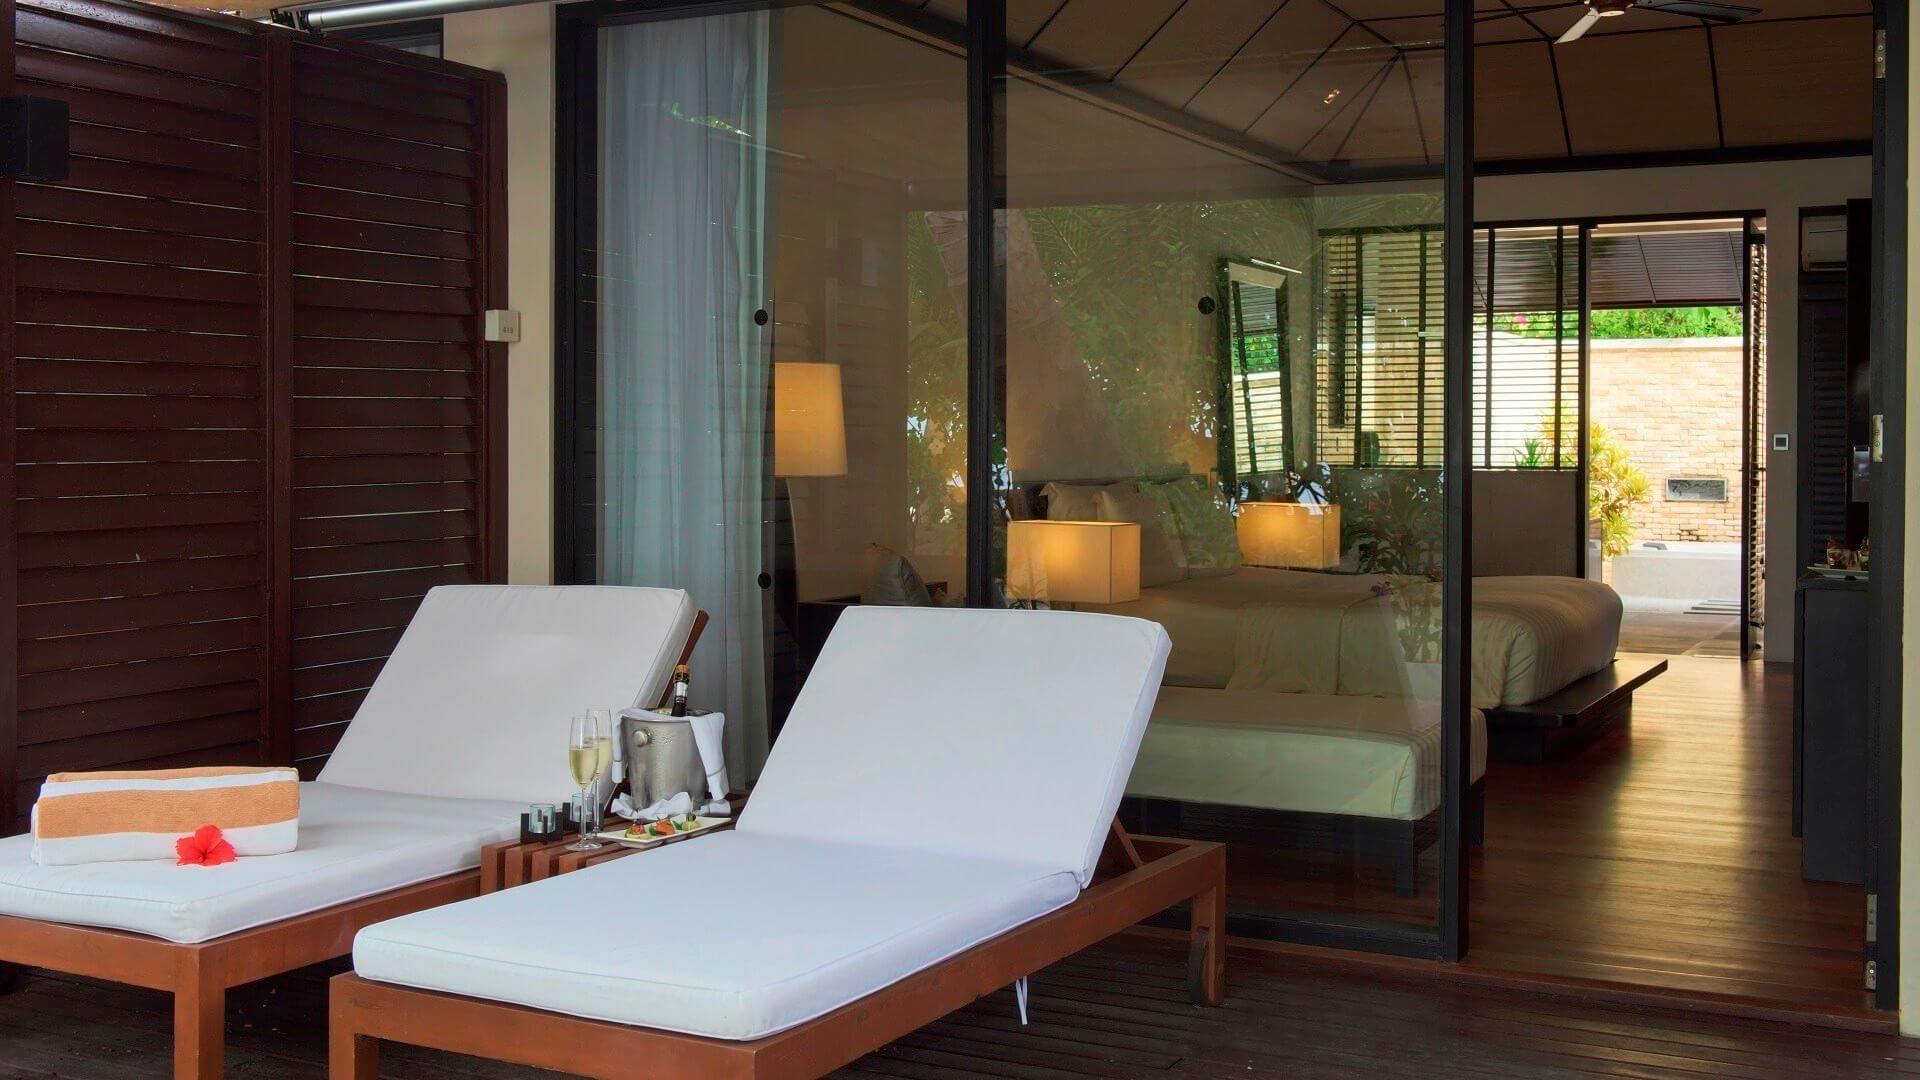 Lily Beach Resort e Spa 5* - Foto degli interni della camera